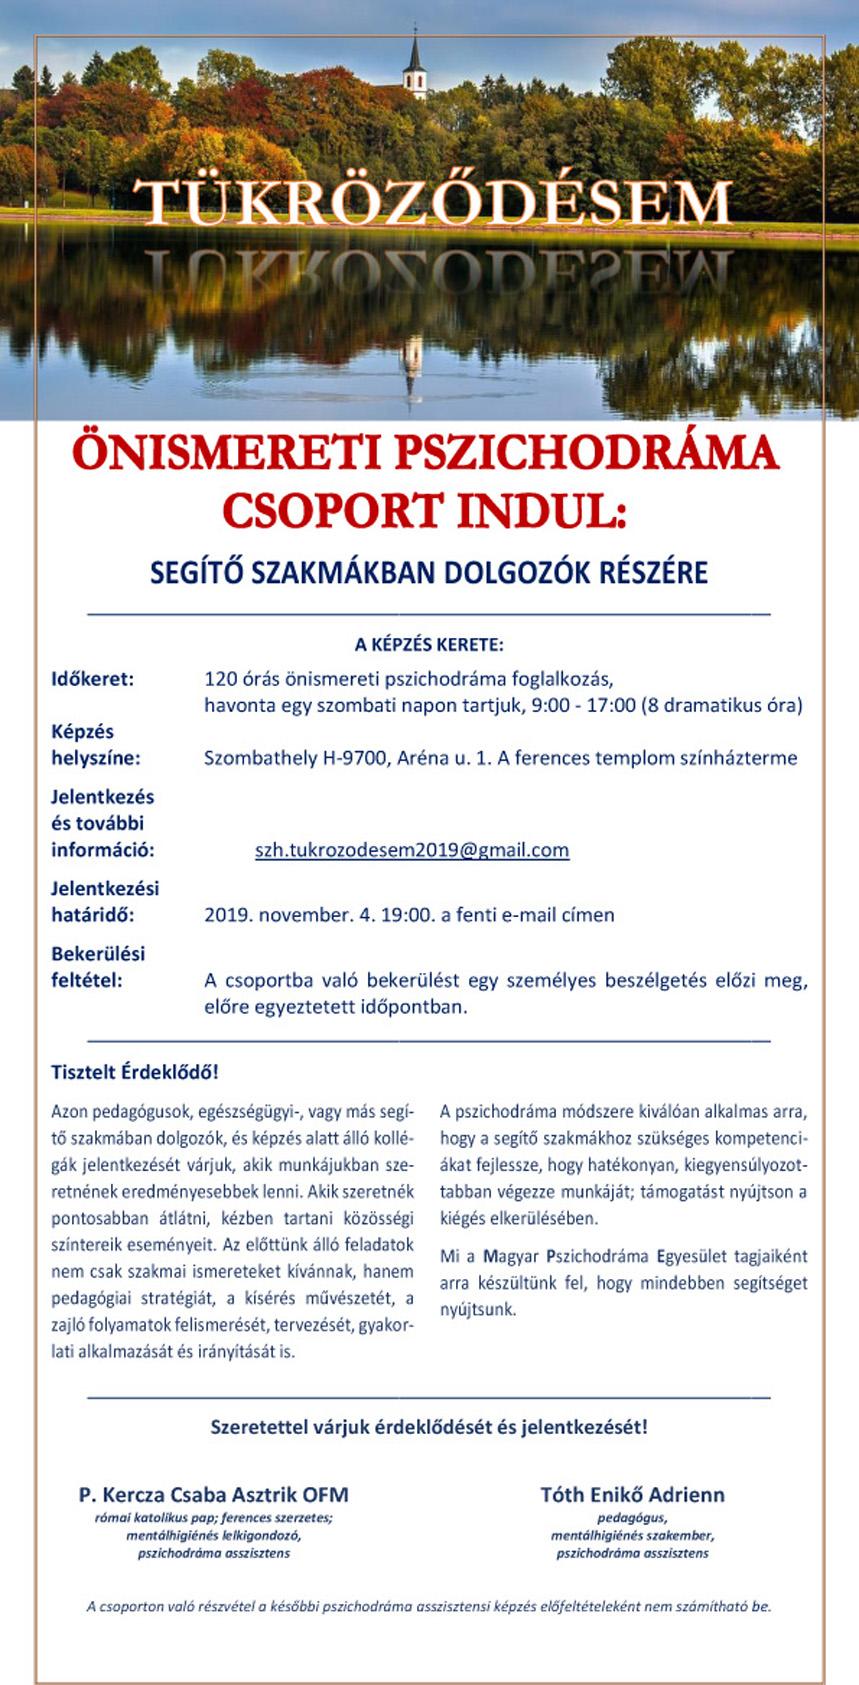 0001_Plakát_2019_Szh_ÖnIsmereti-pszichodráma csoport indítása másolata_0009